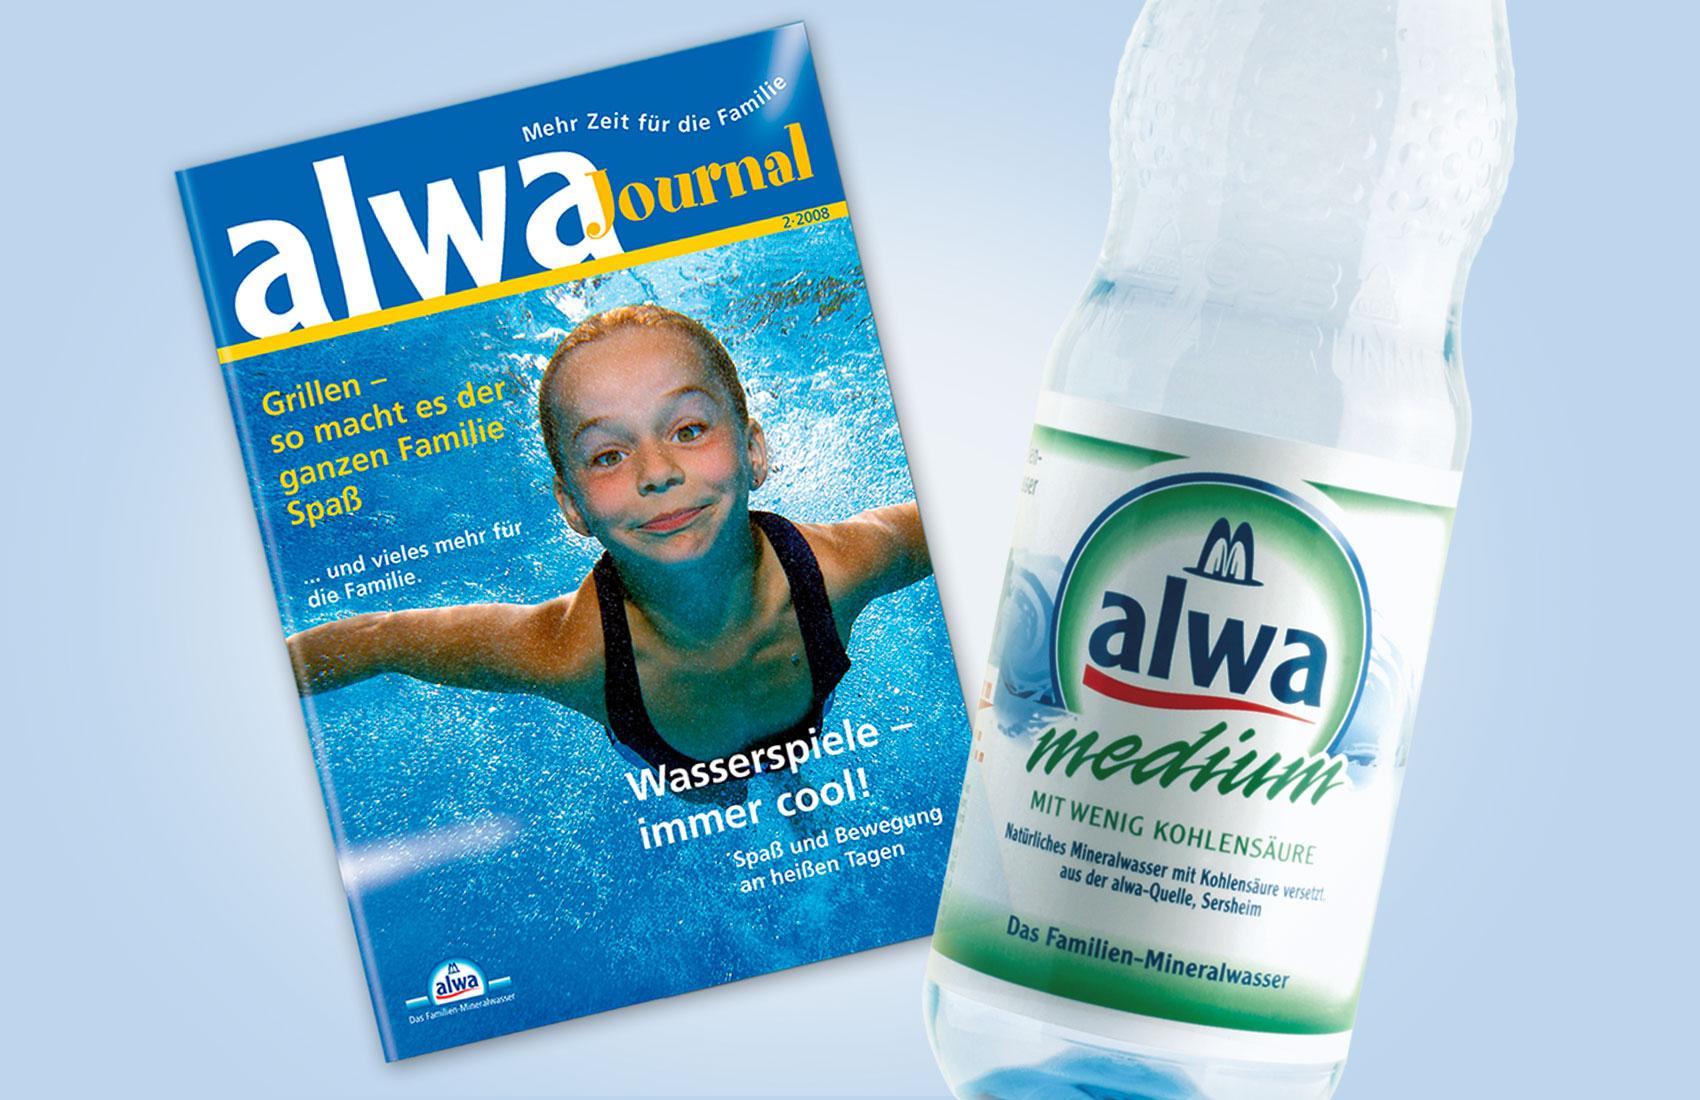 Das Familienjournal von alwa Mineralwasser wurde gratis in den Getränkekästen verteilt.